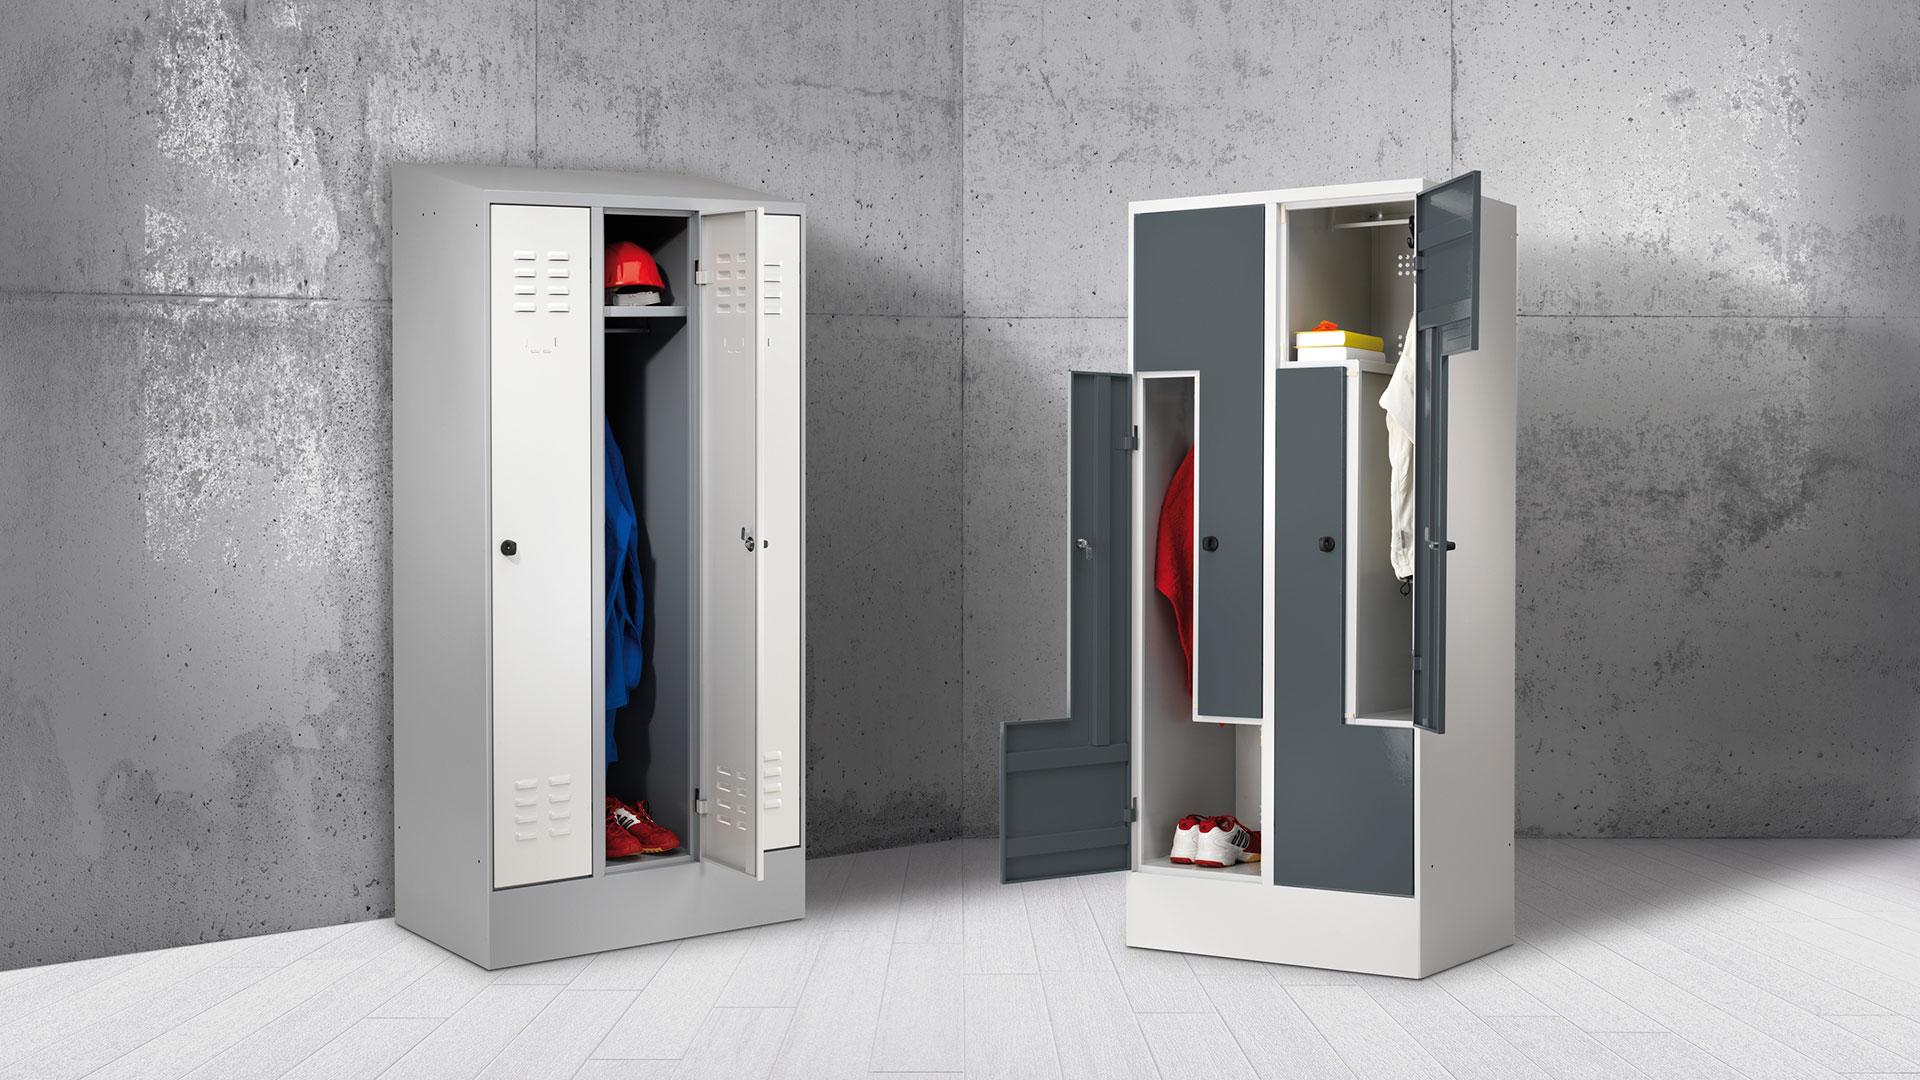 Schranksysteme-Garderobenschrank-kompakt-komfortabel-Z-GZ-mauser-16-9UfVVkbKqAbuvg